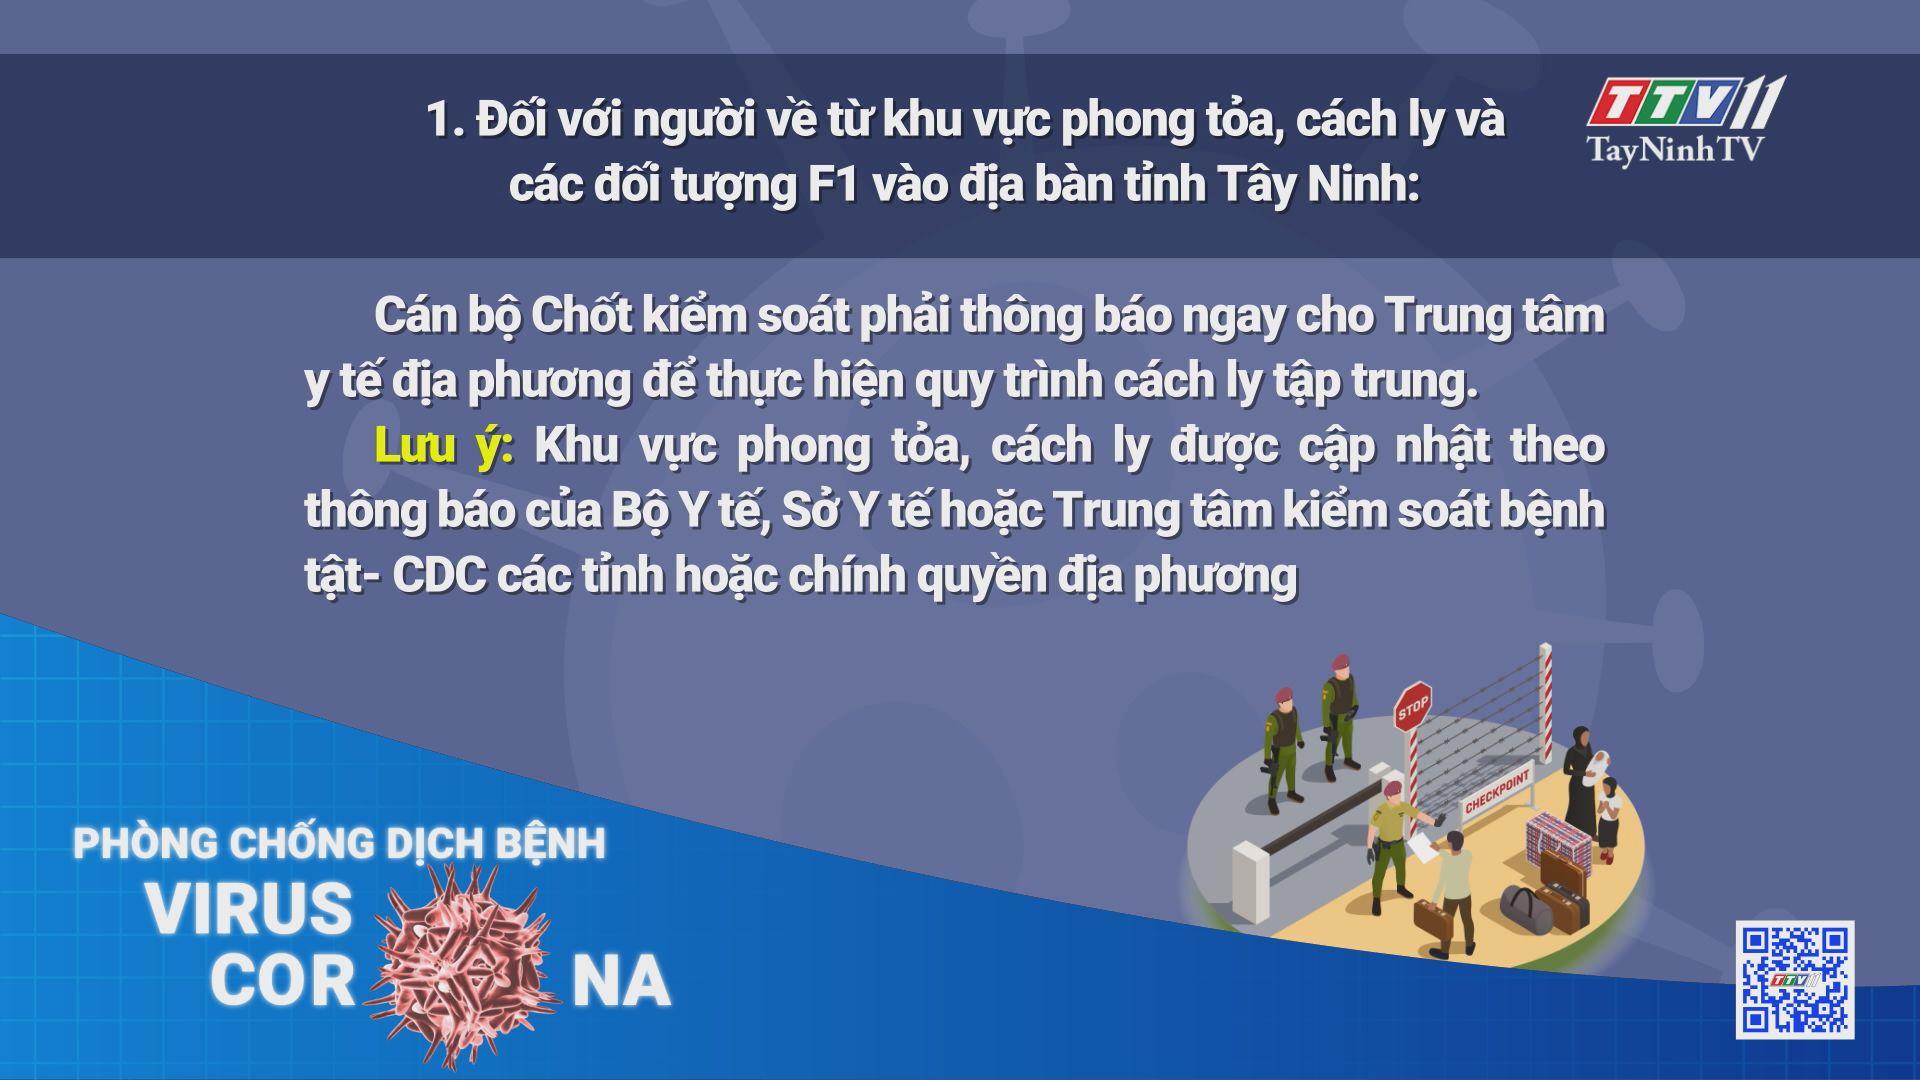 Kiểm soát phòng chống dịch COVID-19 đối với từng trường hợp người về từ các tỉnh, Thành phố vào địa phận tỉnh Tây Ninh   THÔNG TIN DỊCH COVID-19   TayNinhTV